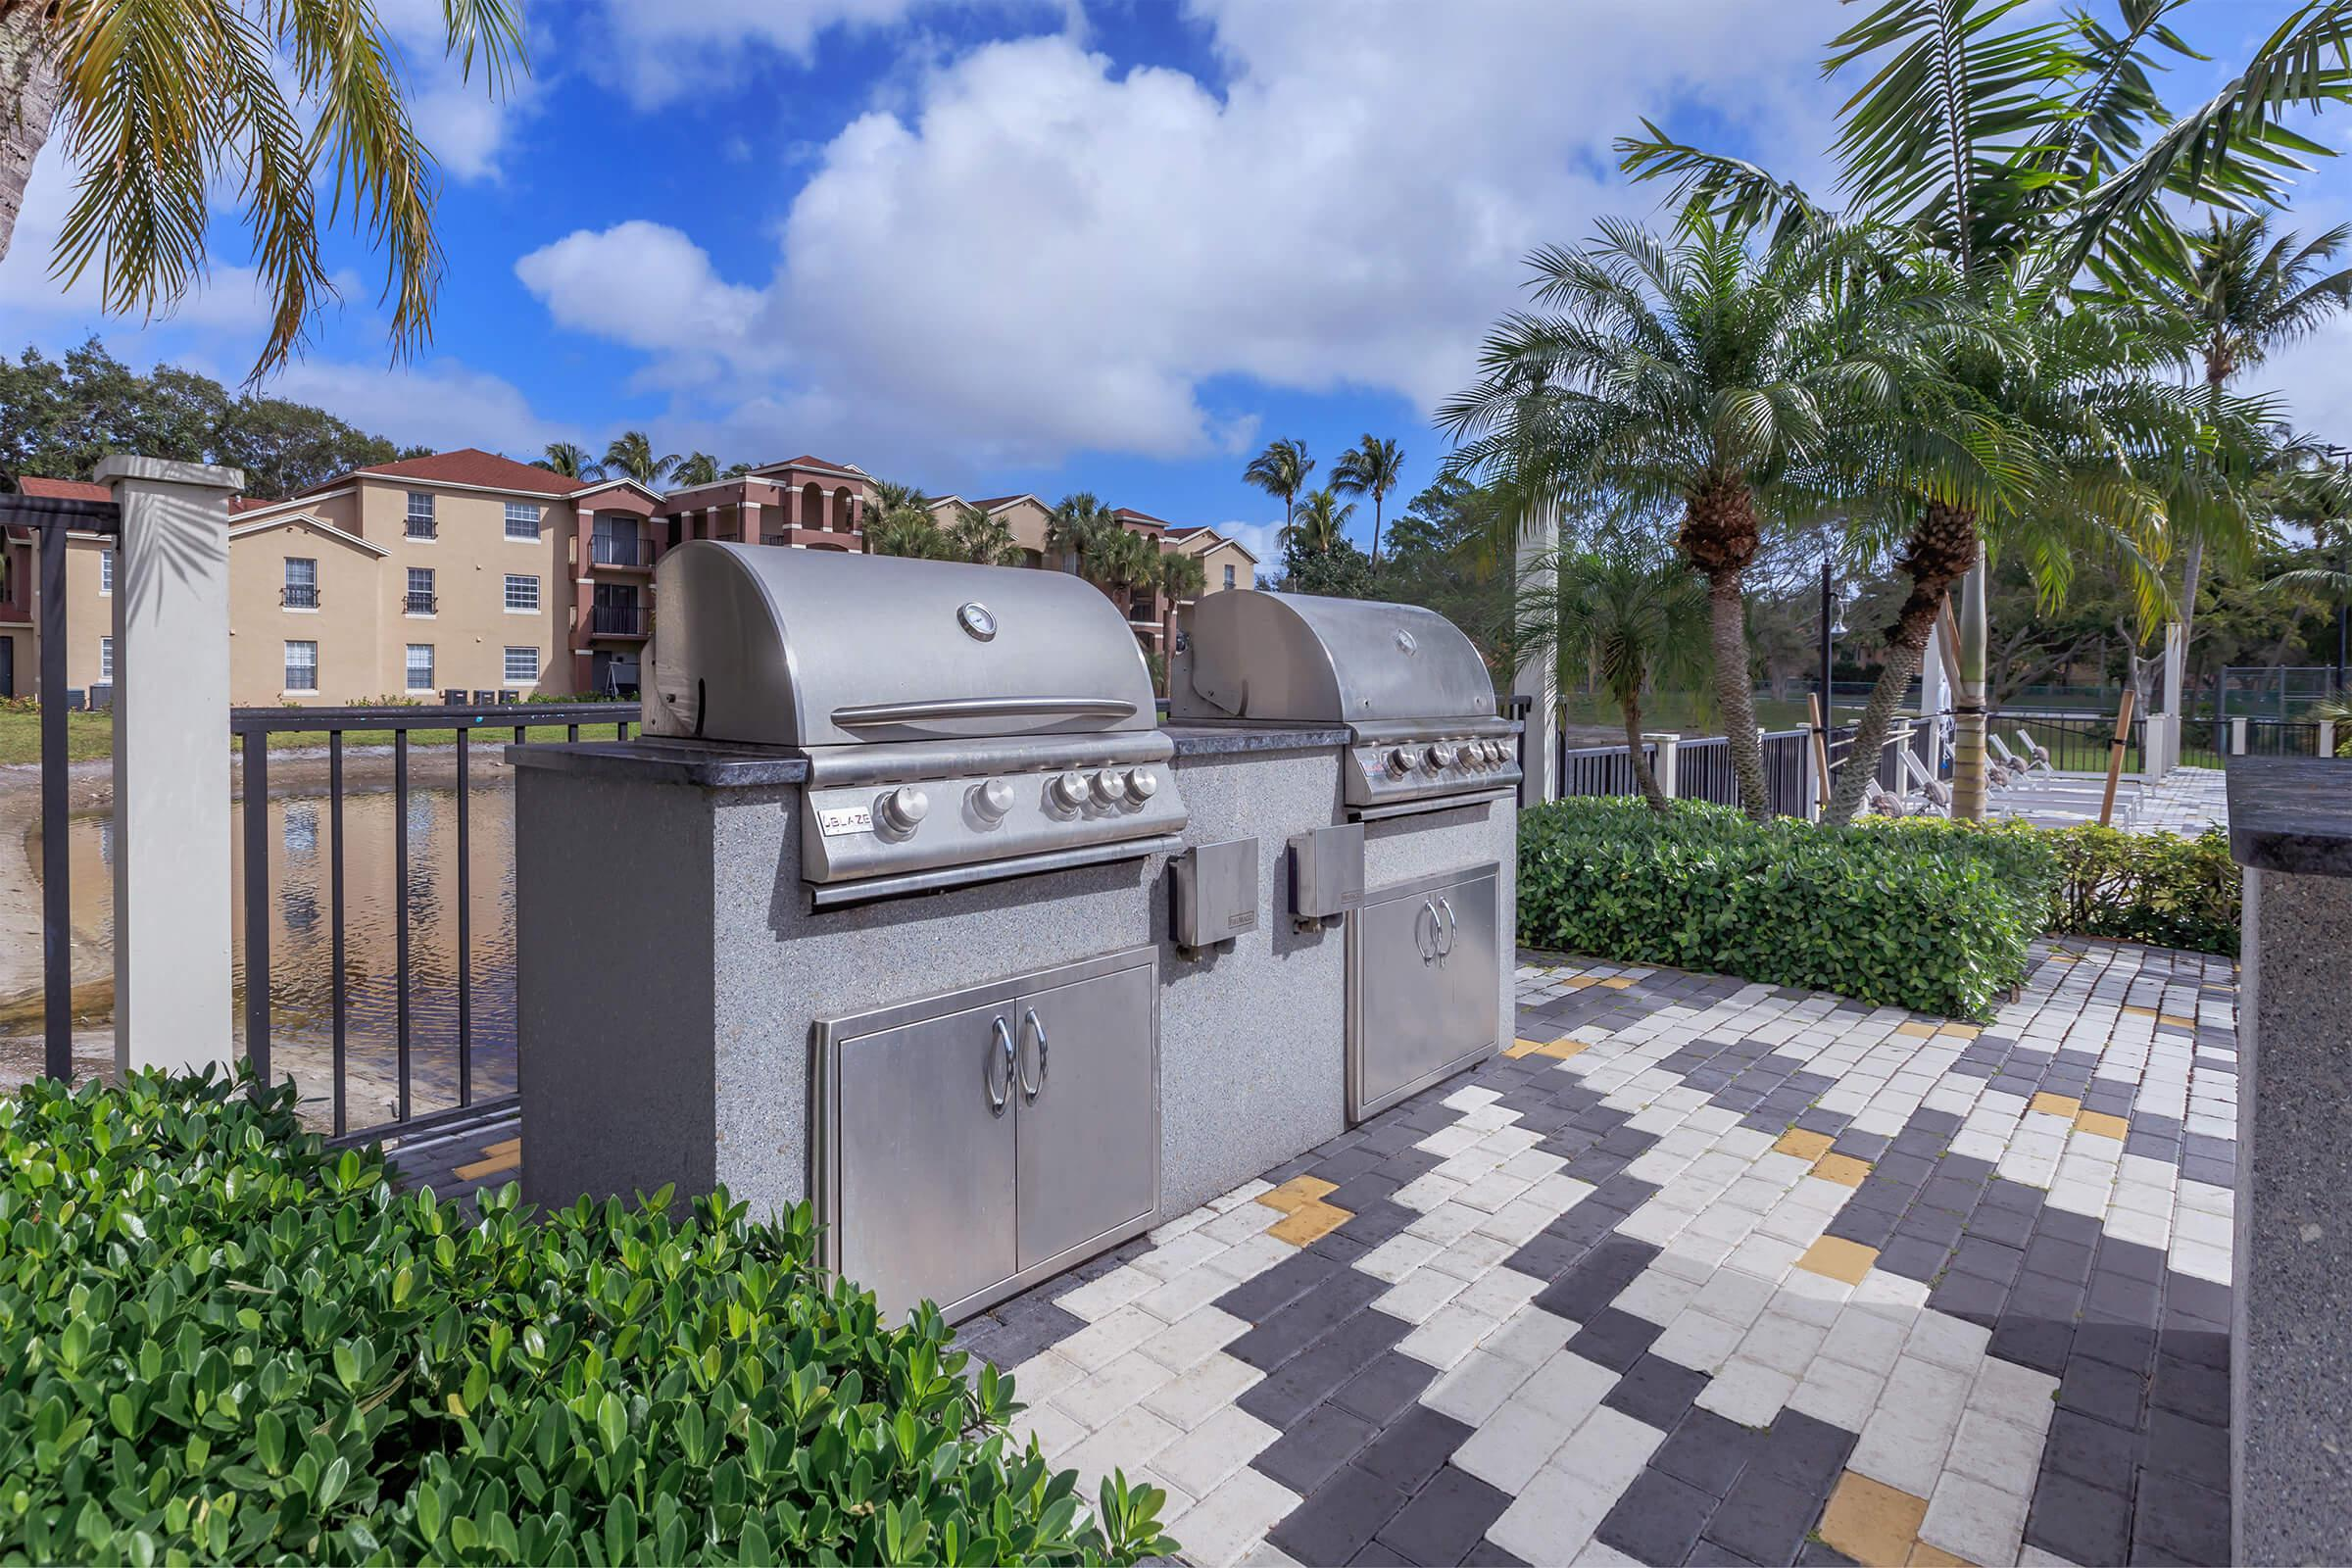 Cookout at Latitude Pointe Apartments in Boynton Beach, Florida